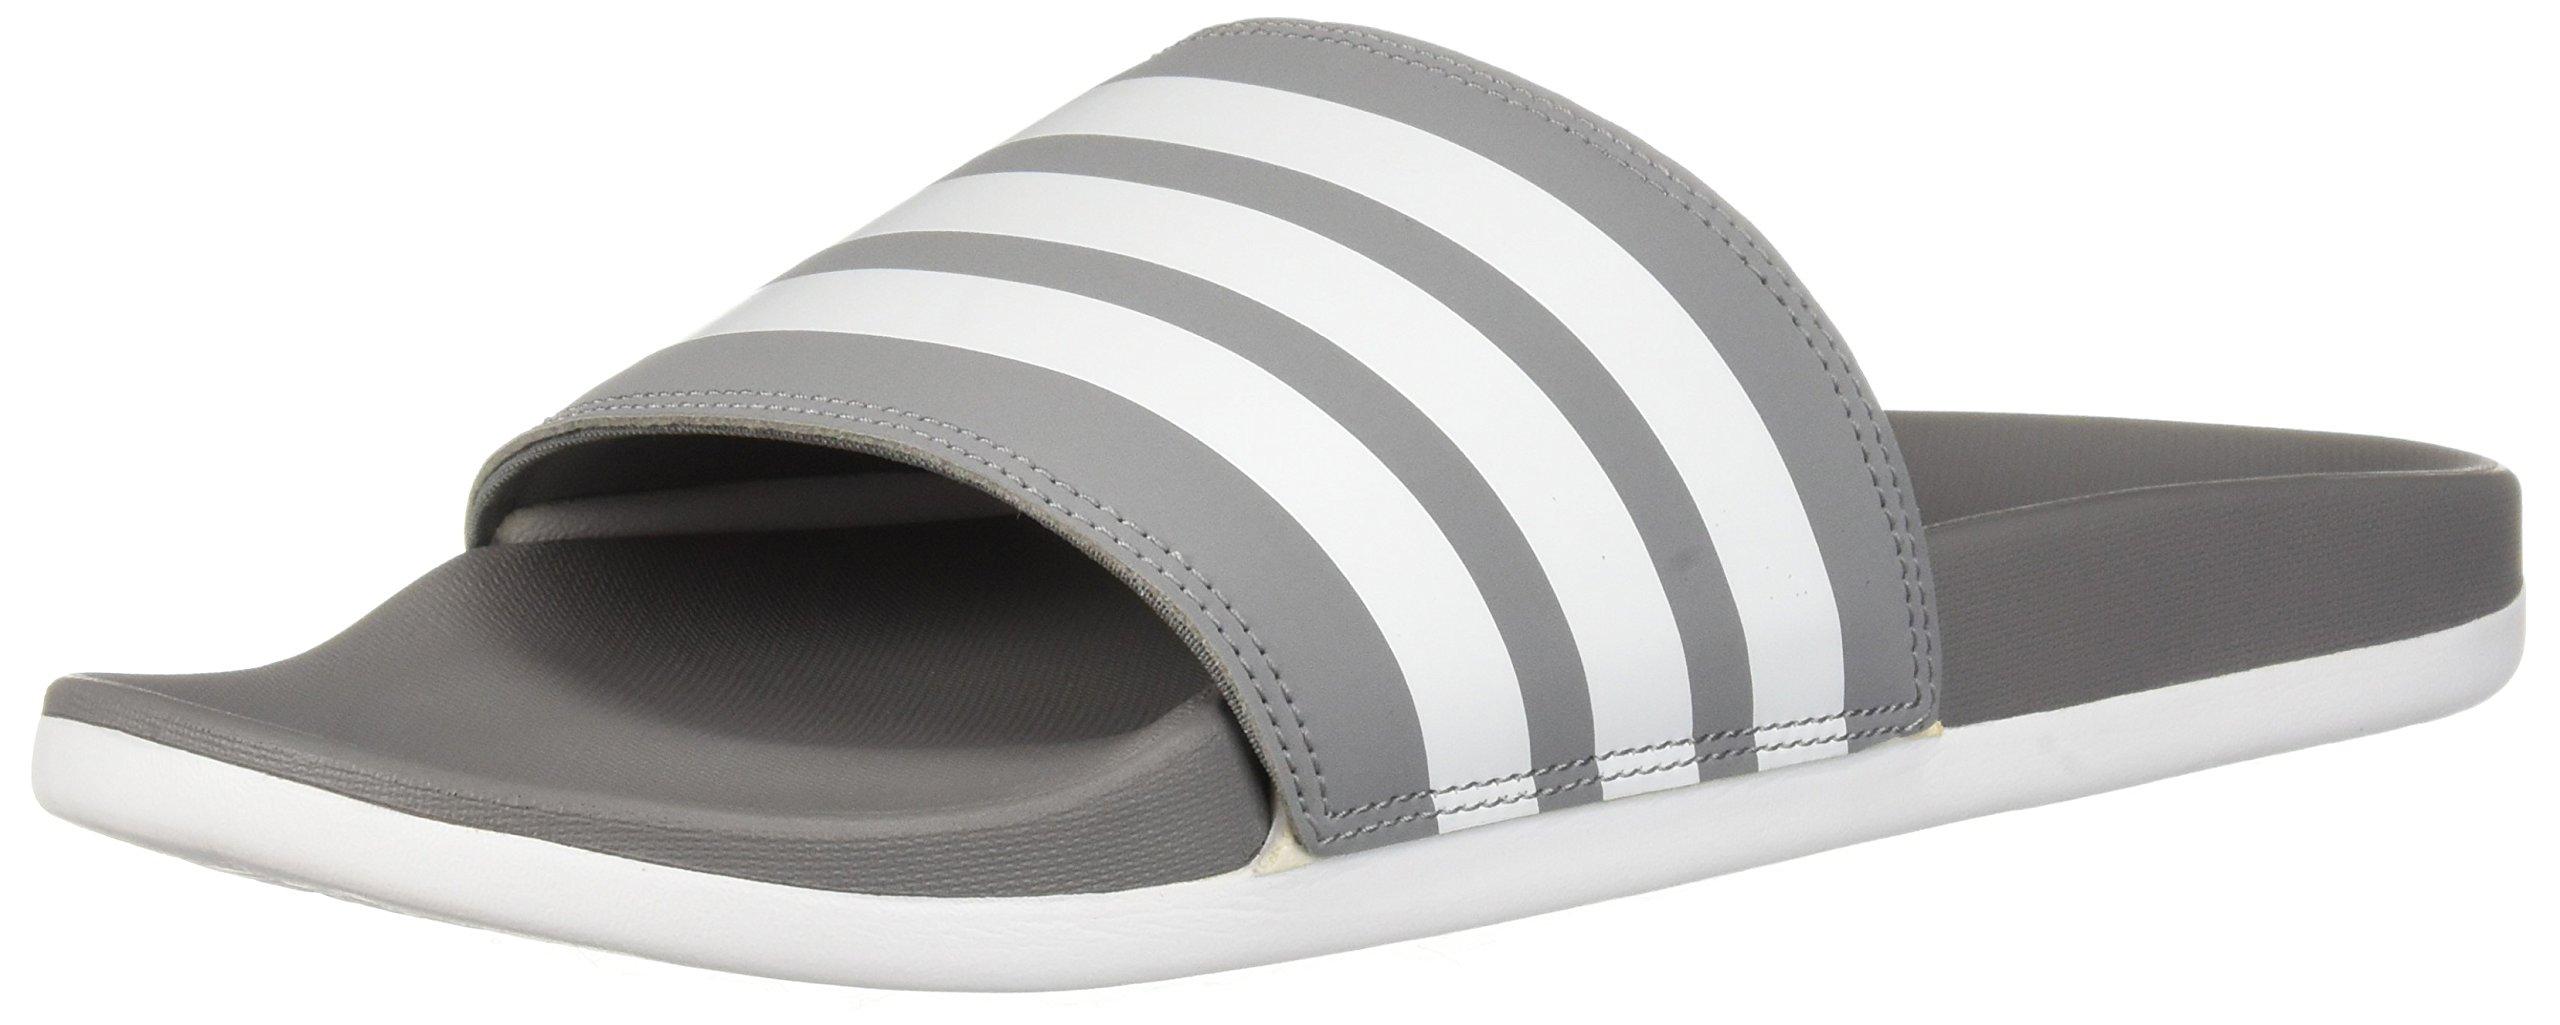 adidas Men's Adilette Comfort Slide Sandal, Grey/White/Grey, 11 M US